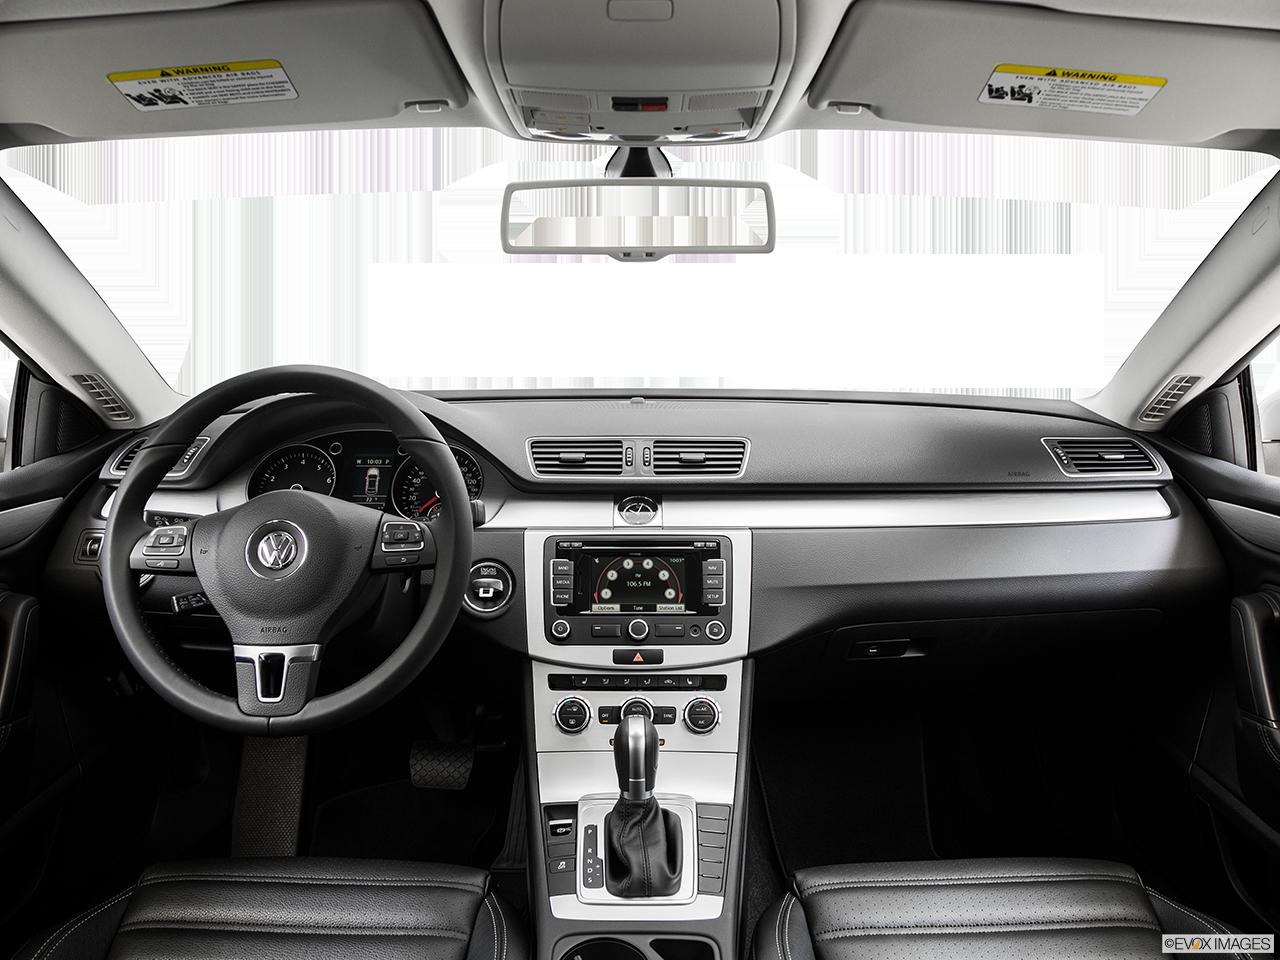 2015 Volkswagen Cc Dealer Serving Nashville Hallmark